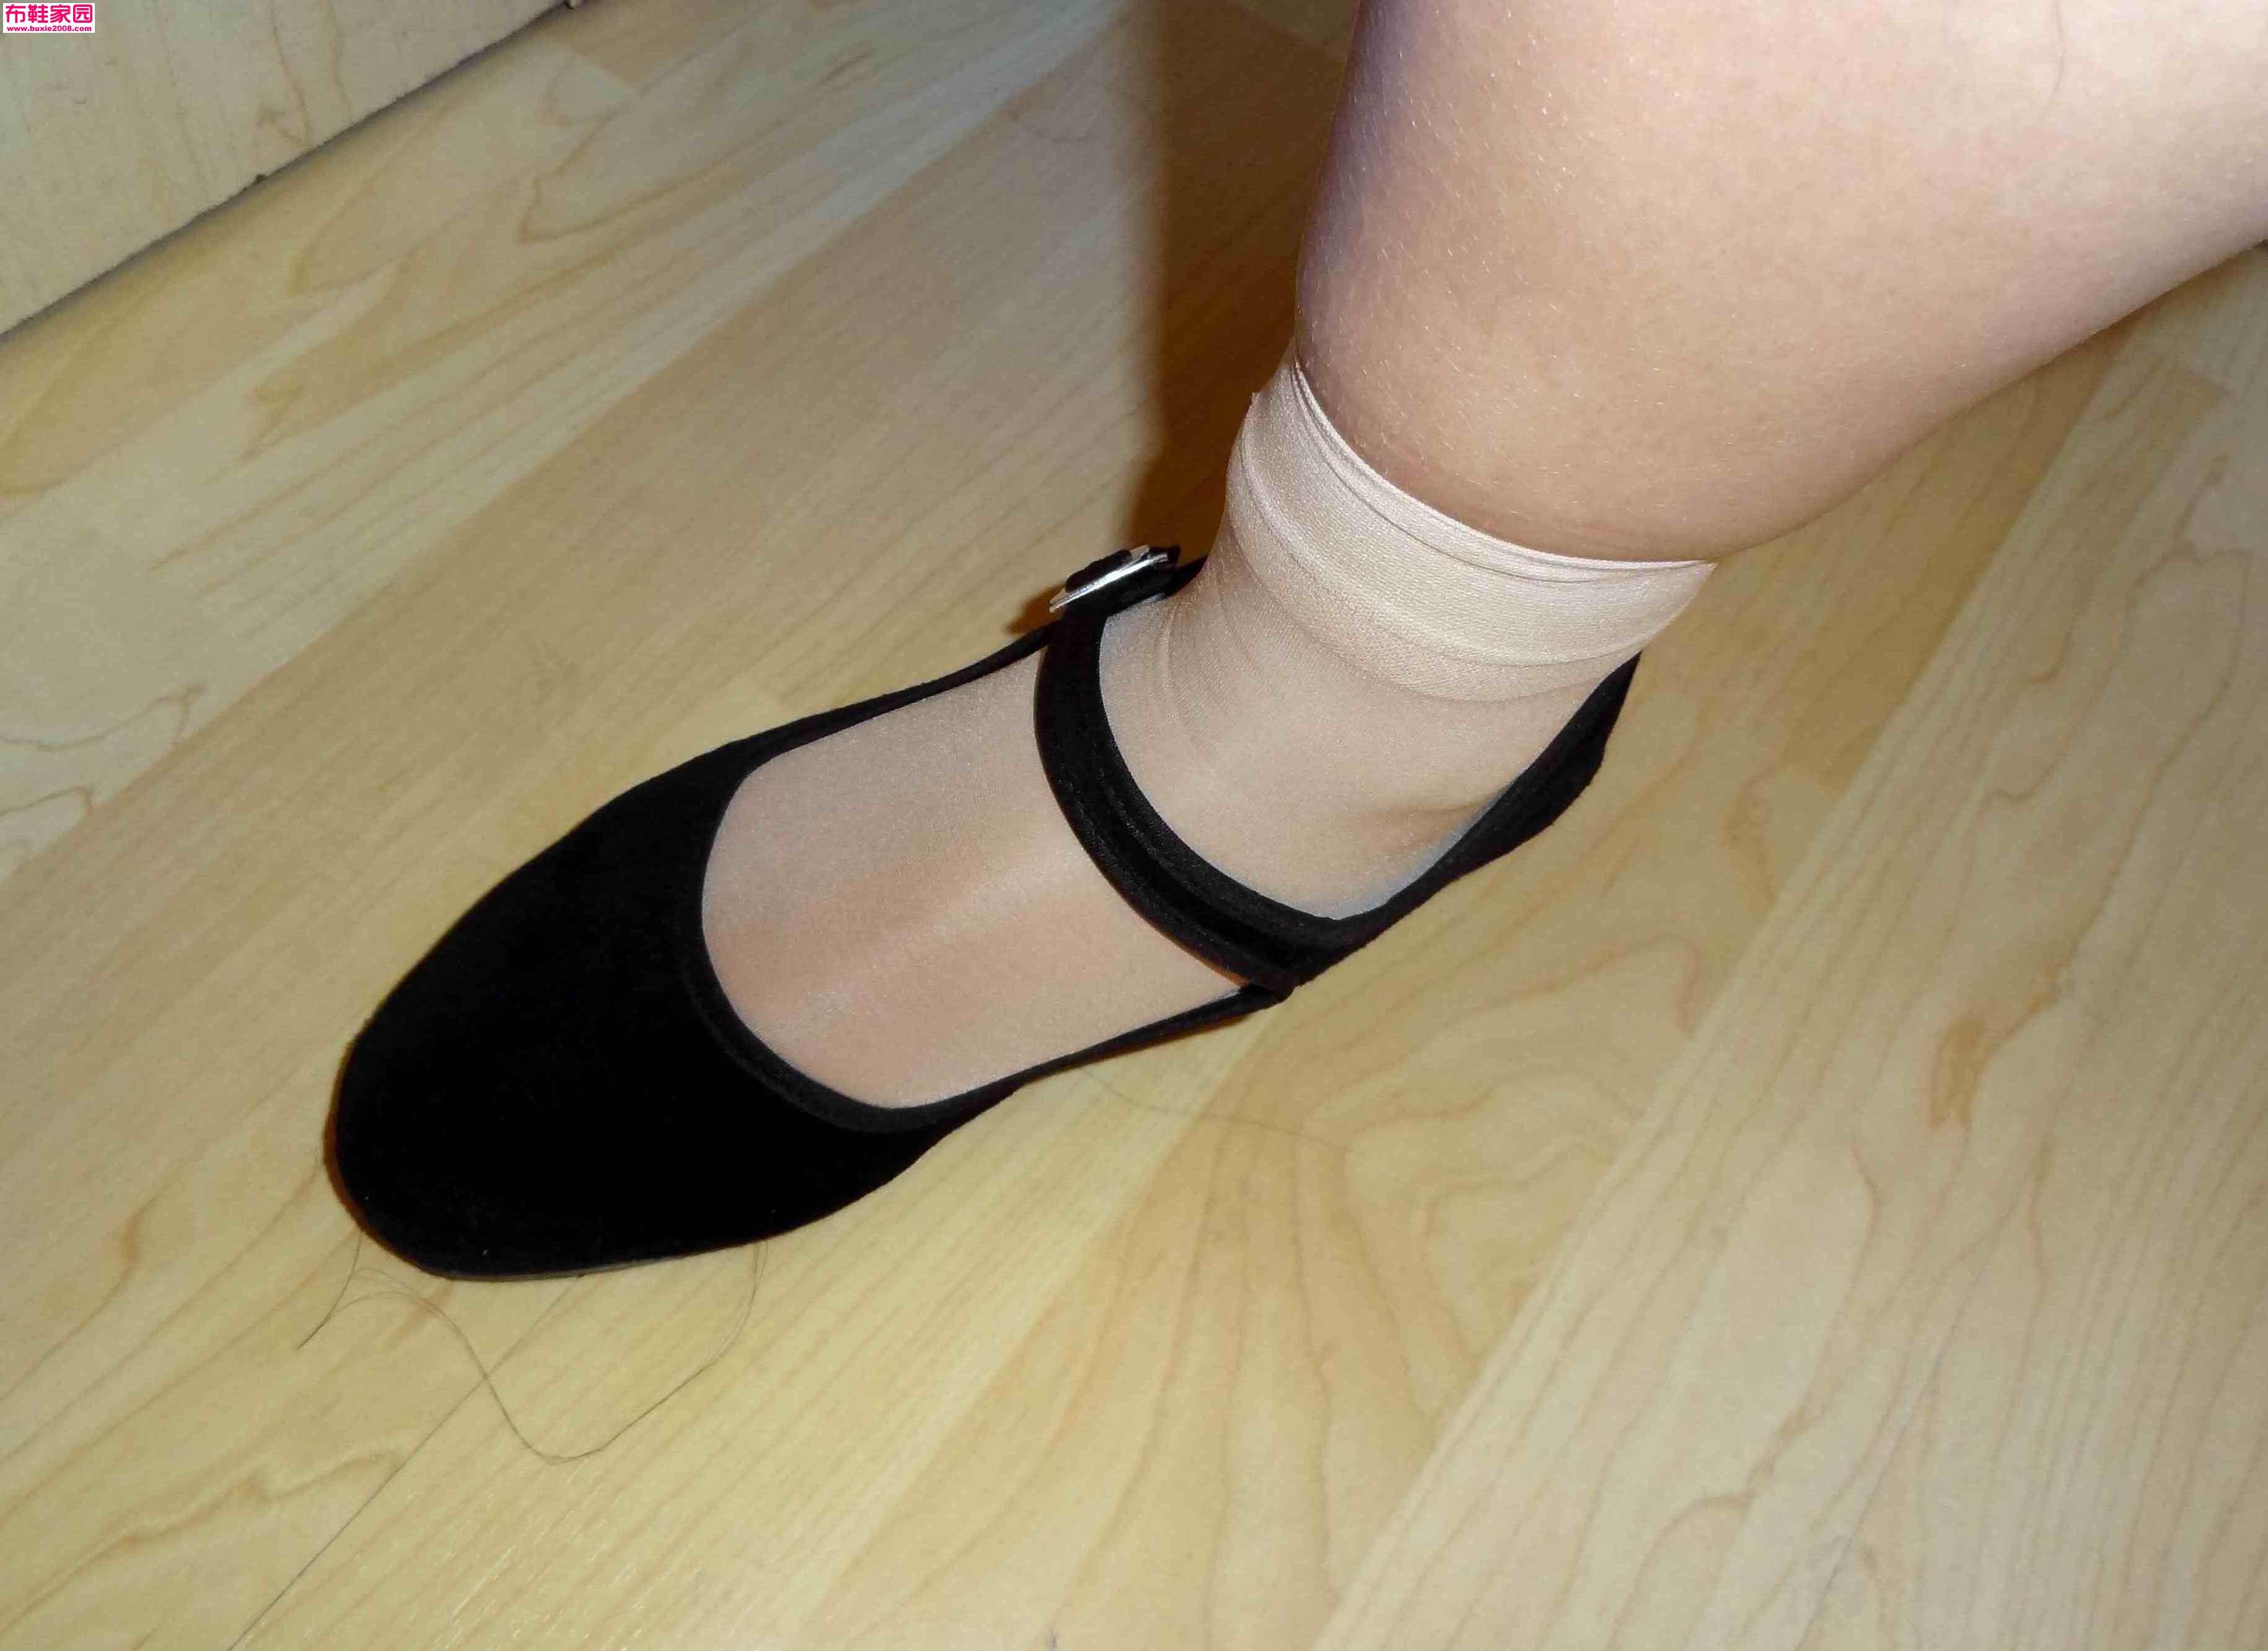 布鞋网   布鞋家园 第9张 美搜图   布鞋家园布鞋美女_布鞋